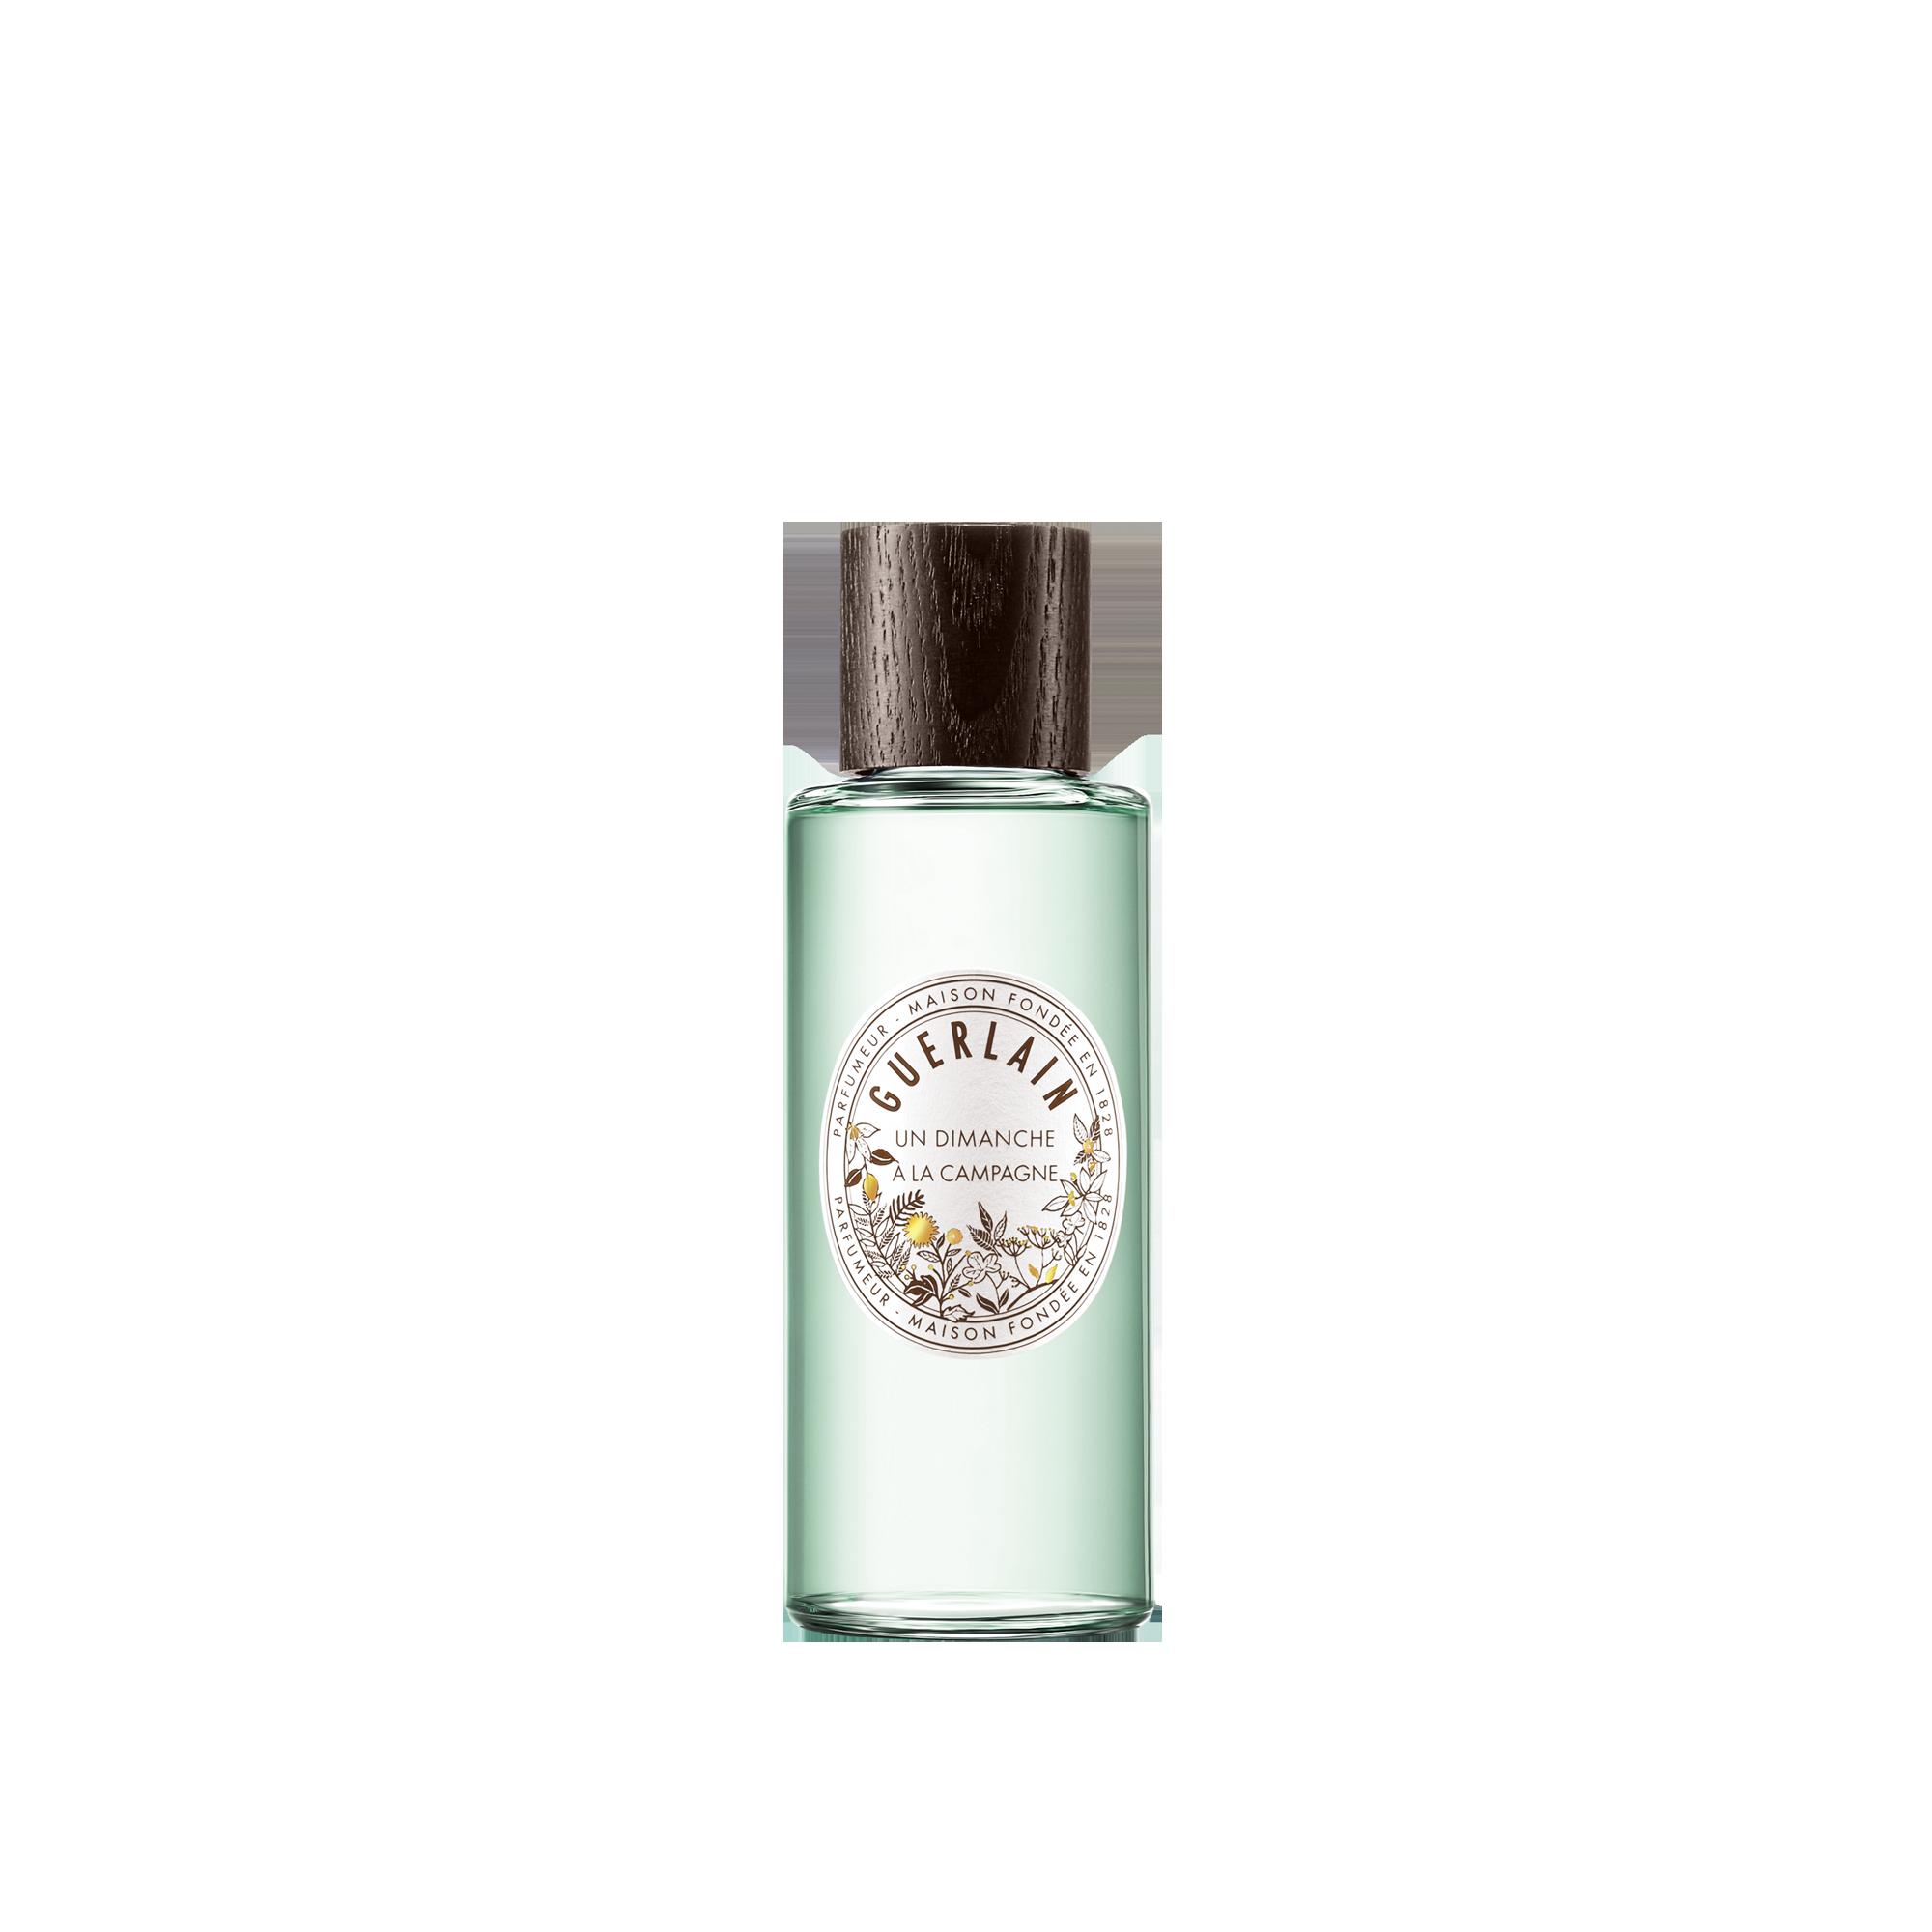 Guerlain Has Launched Un Dimanche à La Campagne A New Eau De Cologne For Peace And Pampering And Cocooning The Notes Inc Eau De Cologne Campagne Parfums